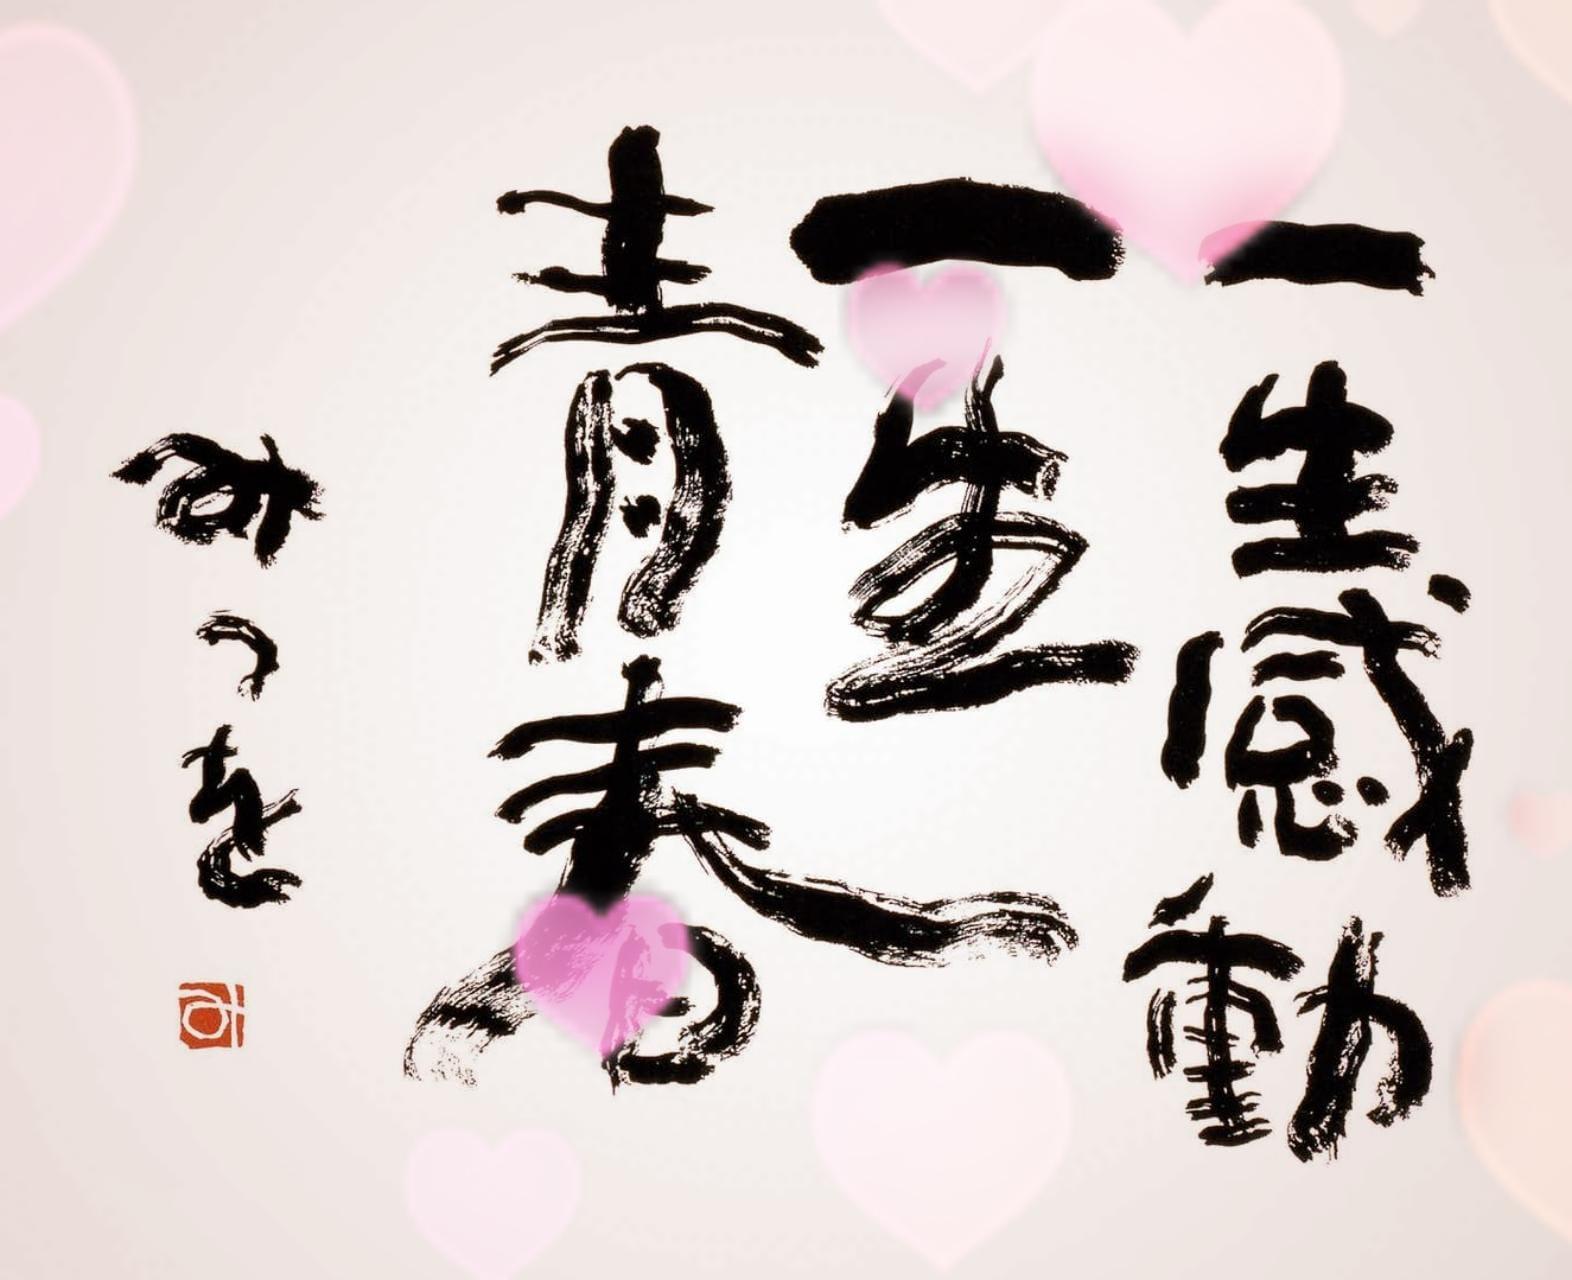 「おはようございます」03/02(火) 10:25 | もみじの写メ・風俗動画